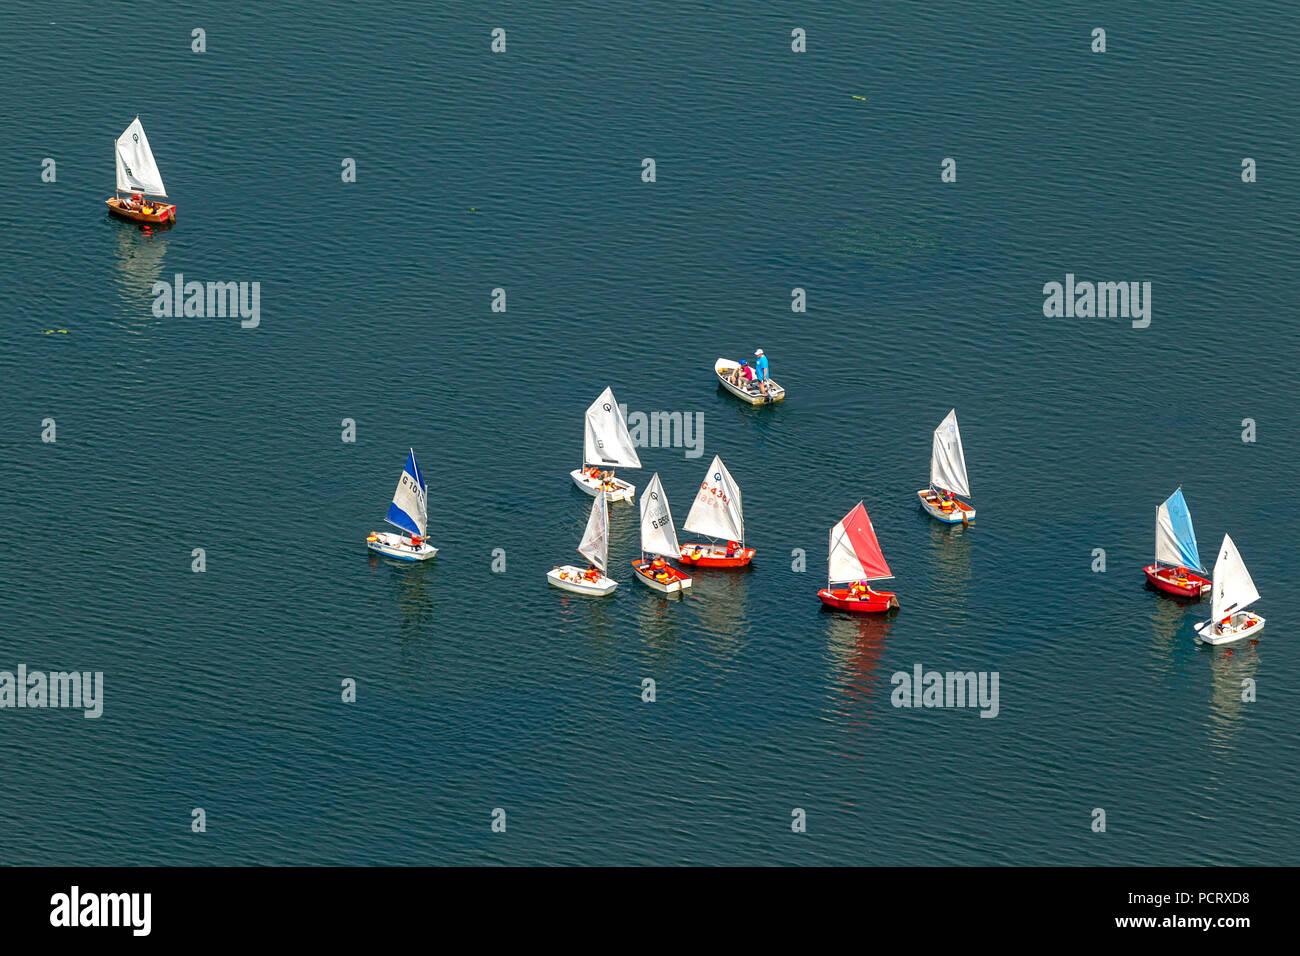 Segelschule auf der See, Optimist, Segelboot, Kemnade, Kemnader Stausee, Luftaufnahme von Bochum Stockbild